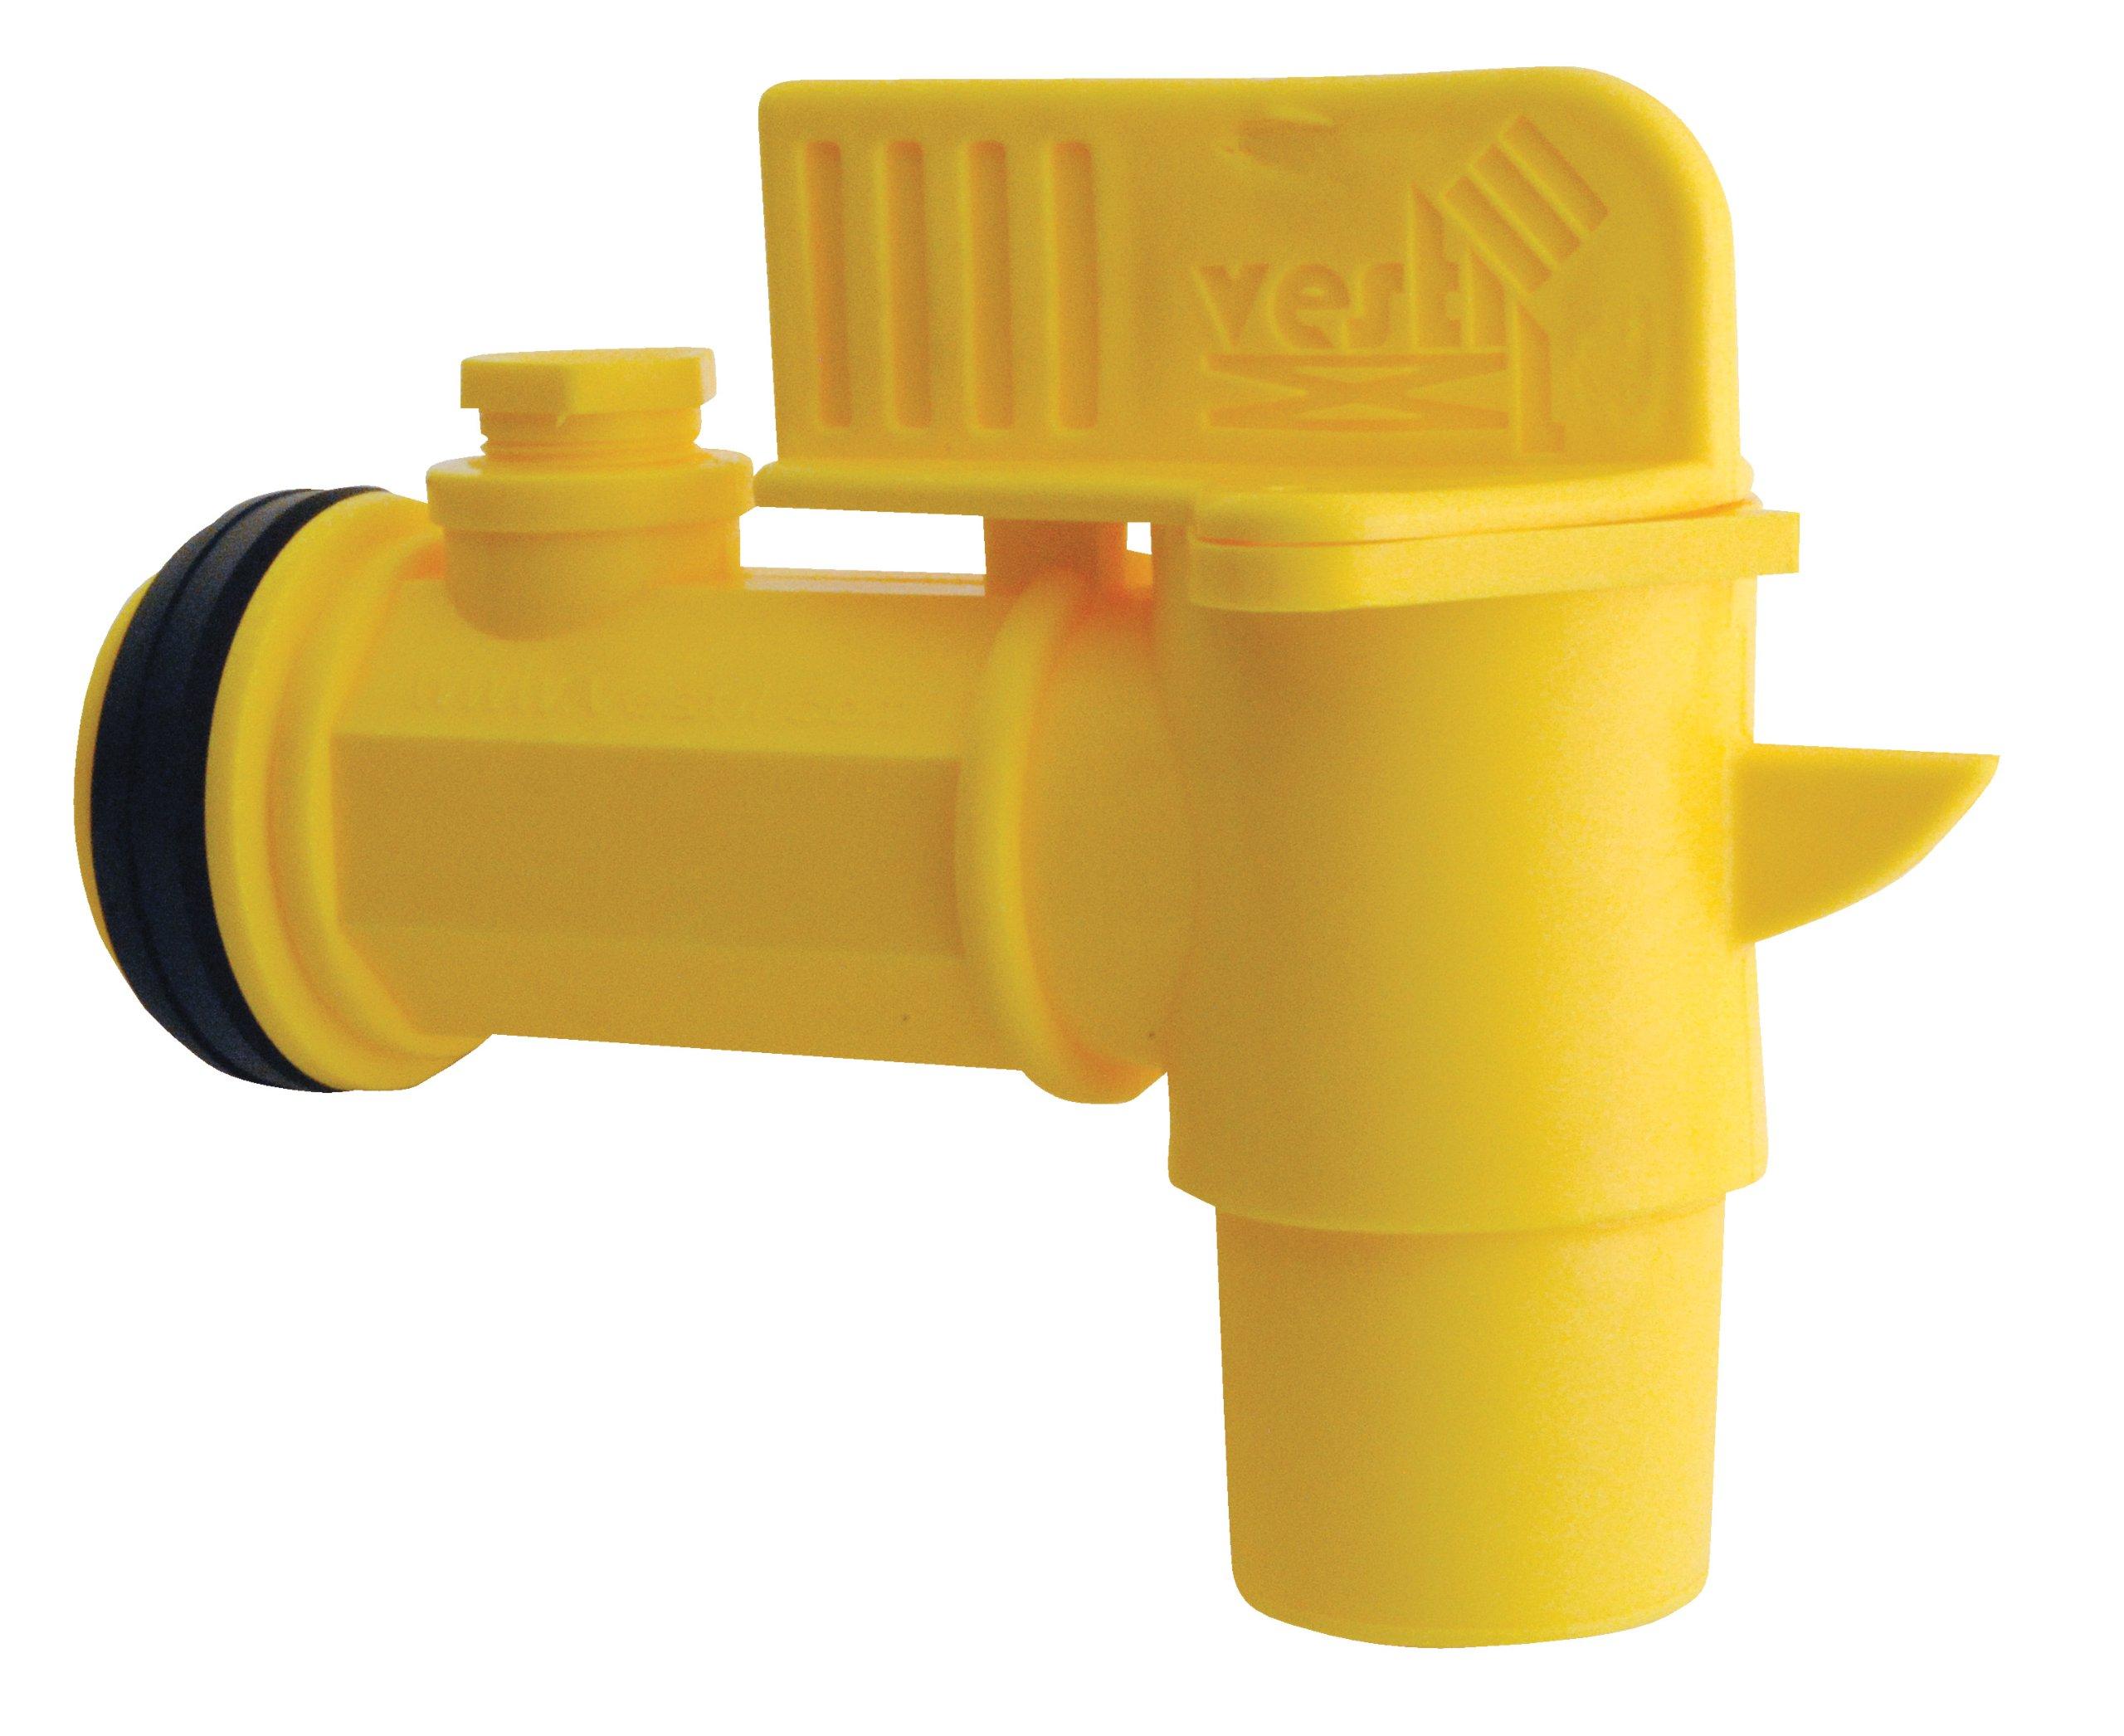 Vestil JDFT Plastic Manual Handle Jumbo Drum Faucet, Fits 2'' Drum Openings